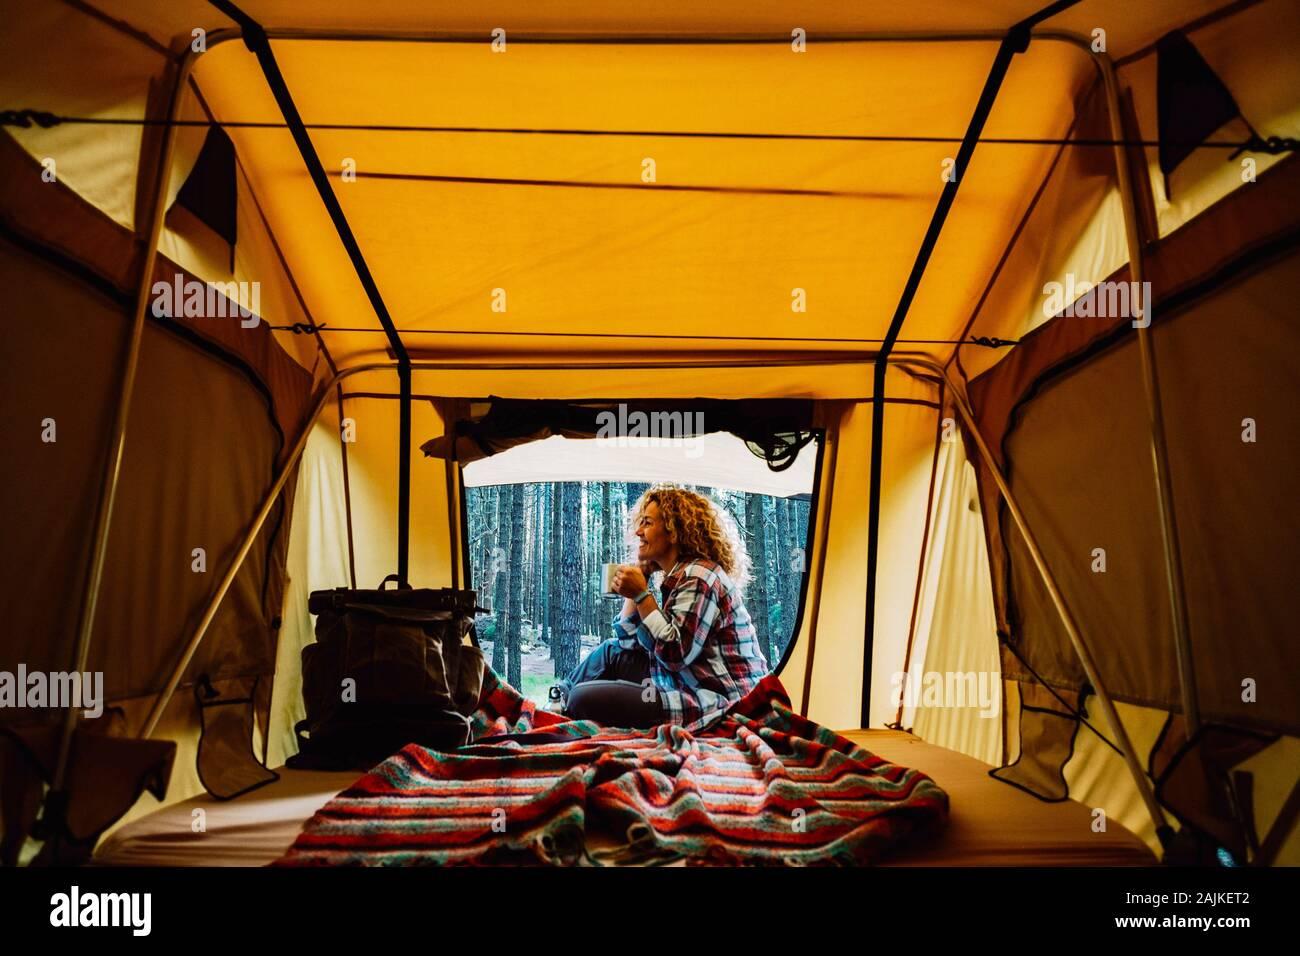 Feliz adulto solitaria mujer caucásica sentarse fuera una carpa disfrutando de una taza de té y la salvaje naturaleza que rodea al aire libre - alternativa libre camping vacatio Foto de stock